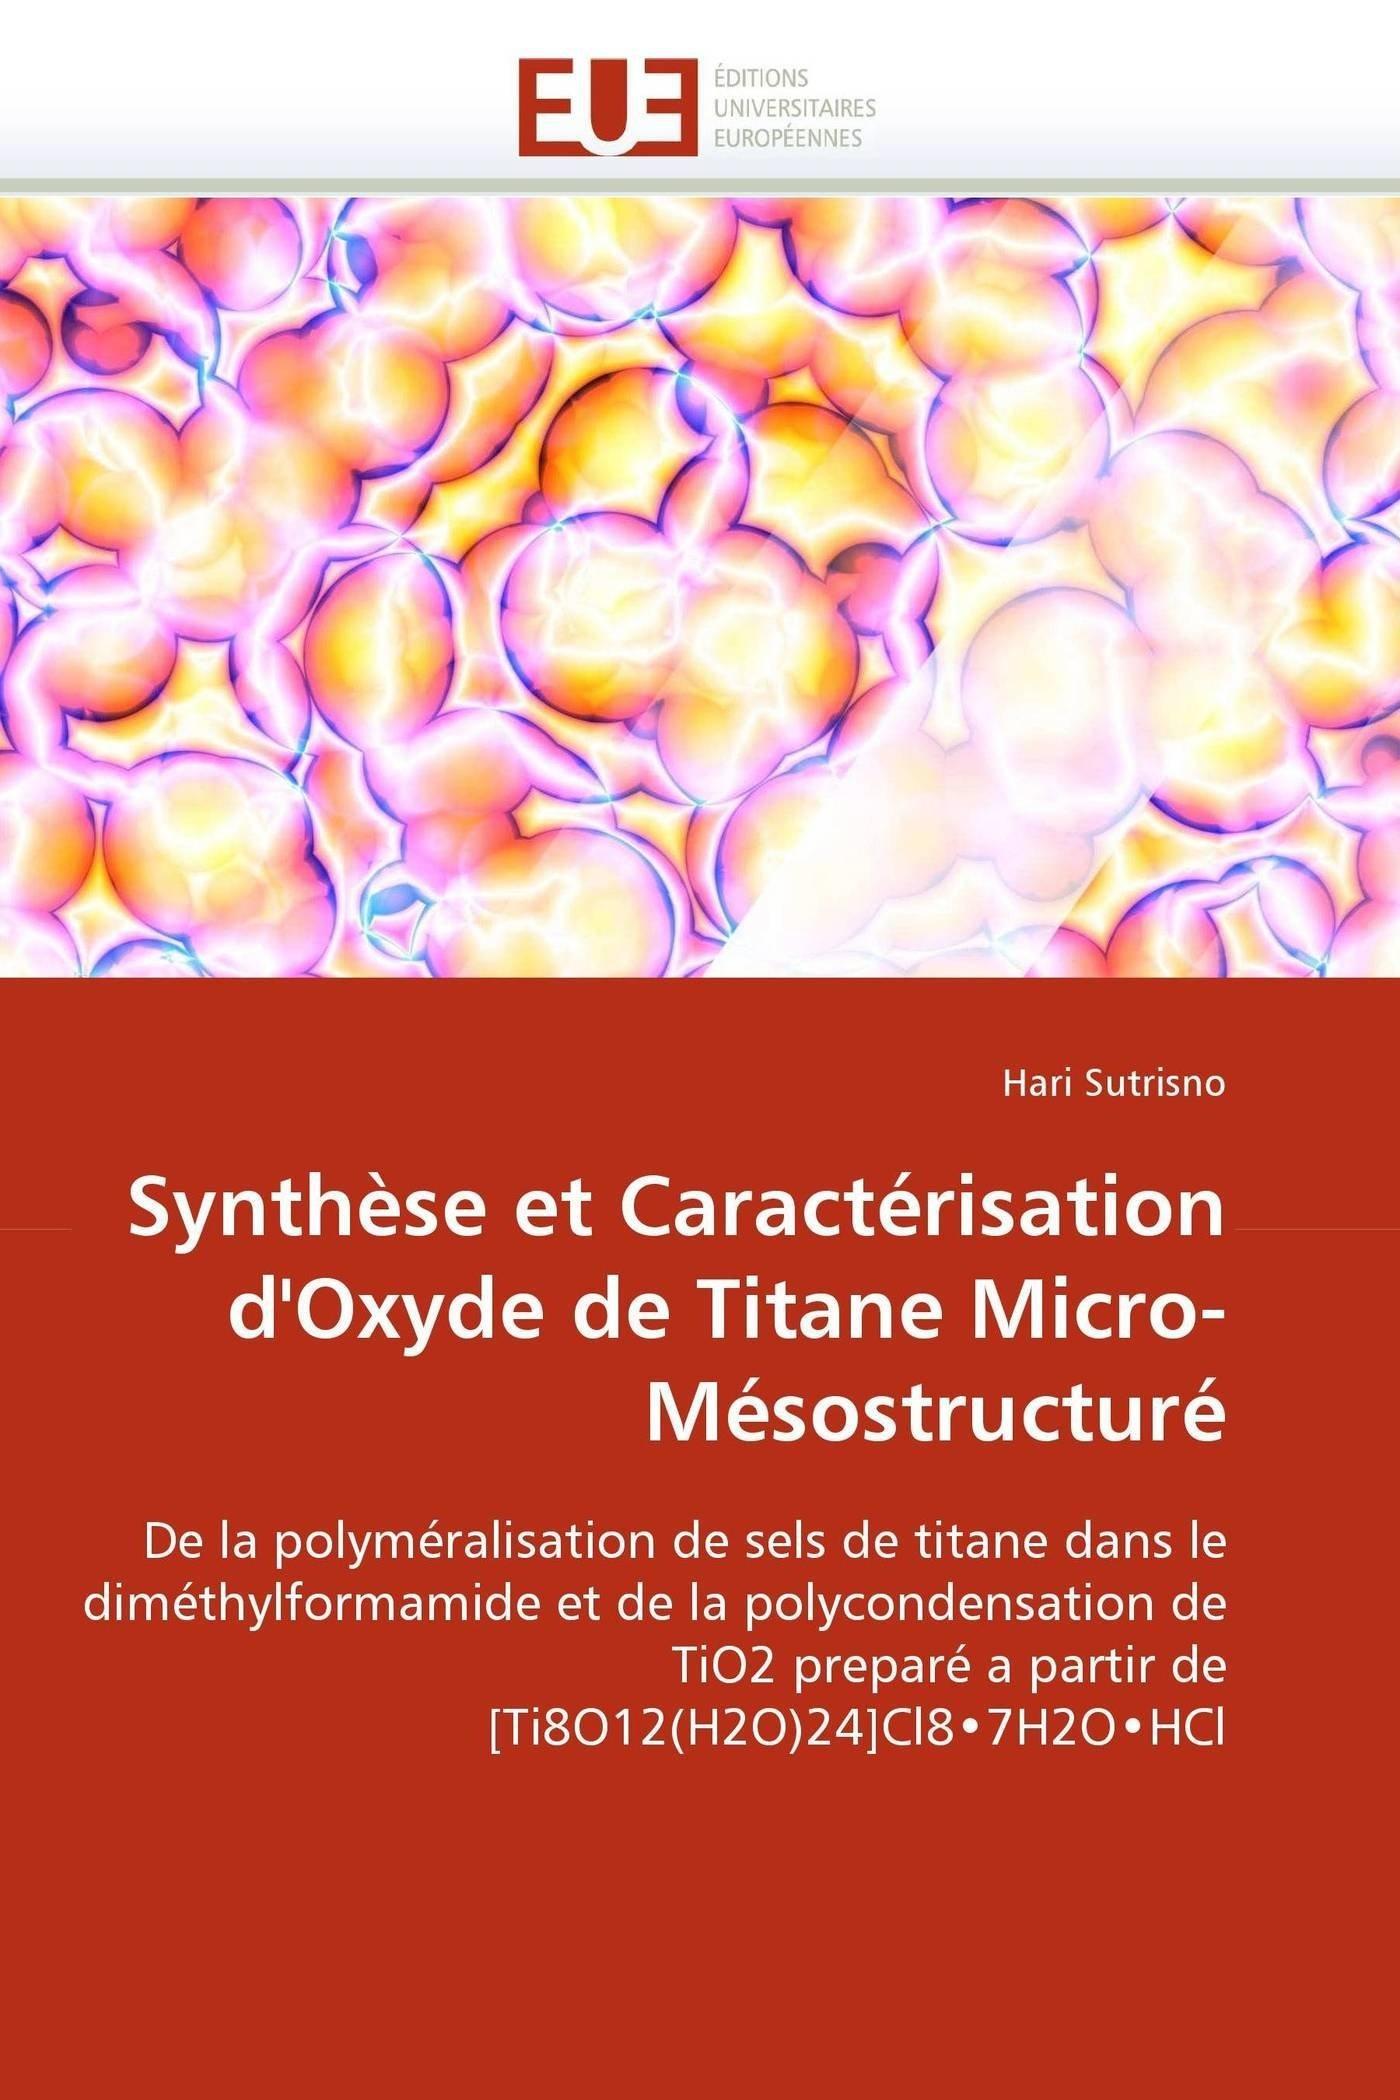 Synth¨se et Caractérisation d Oxyde de Titane Micro Mésostructuré De la polyméralisation de sels de titane dans le diméthylformamide et de la